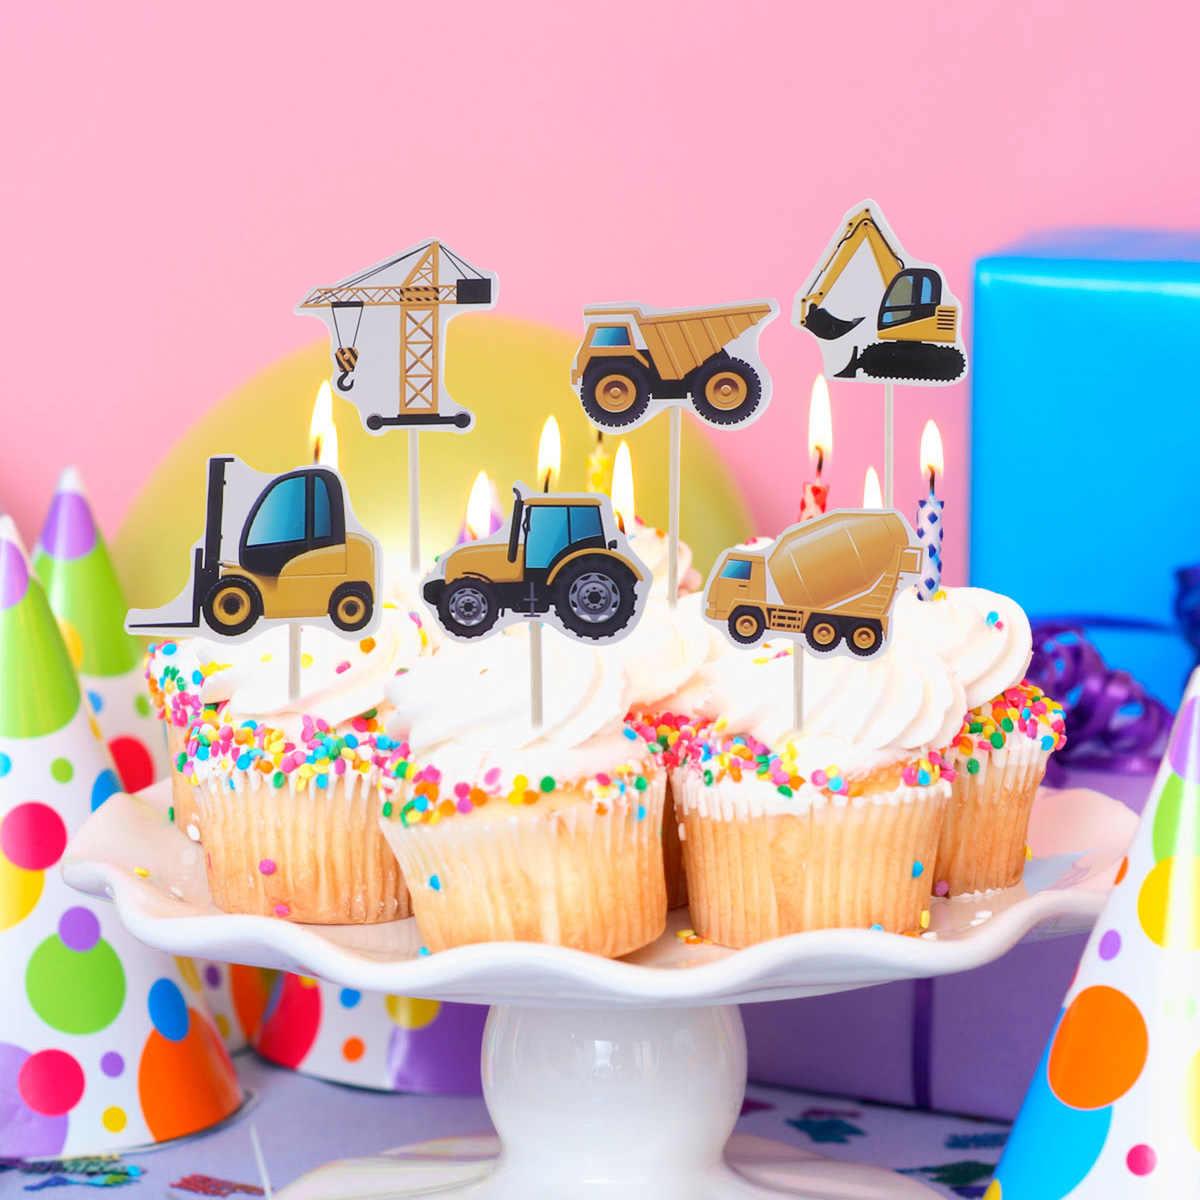 12 unids/set Nueva excavadora camión torta de cumpleaños divertida fruta decoración de postre Insertar tarjeta para fiesta de cumpleaños